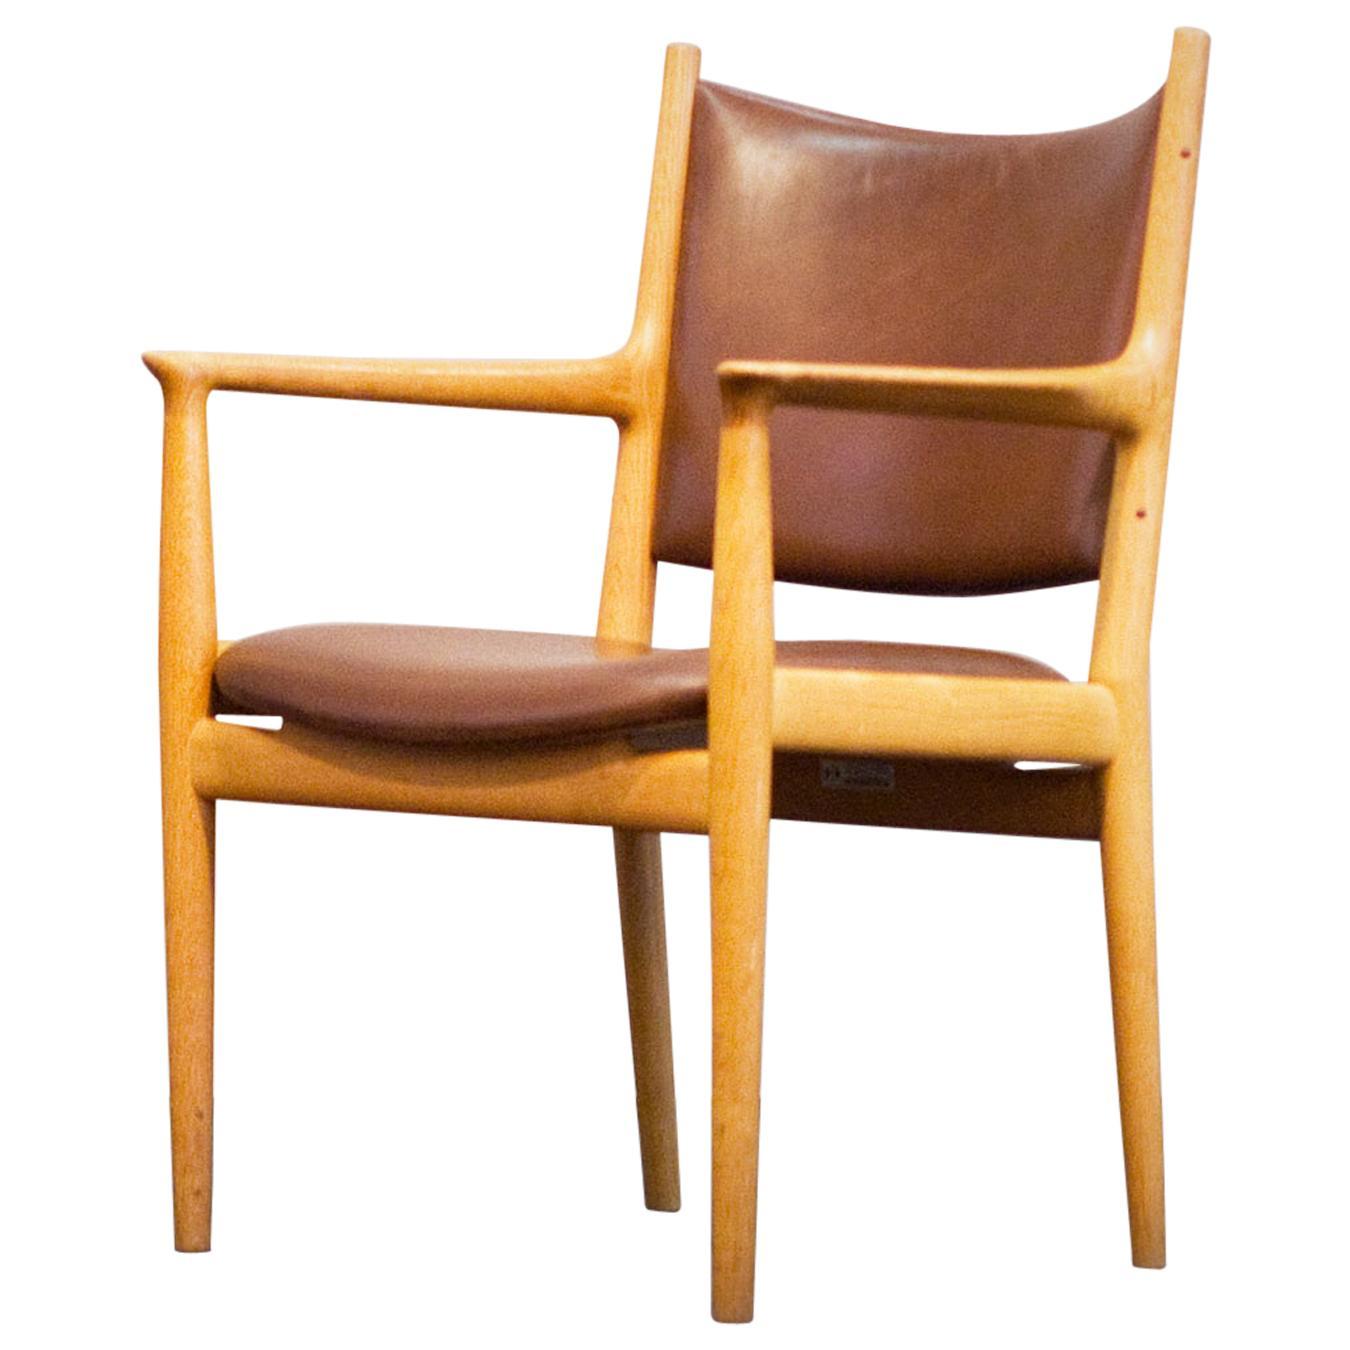 Hans J. Wegner JH 513 Chair by Johannes Hansen Oak Brown Leather Denmark